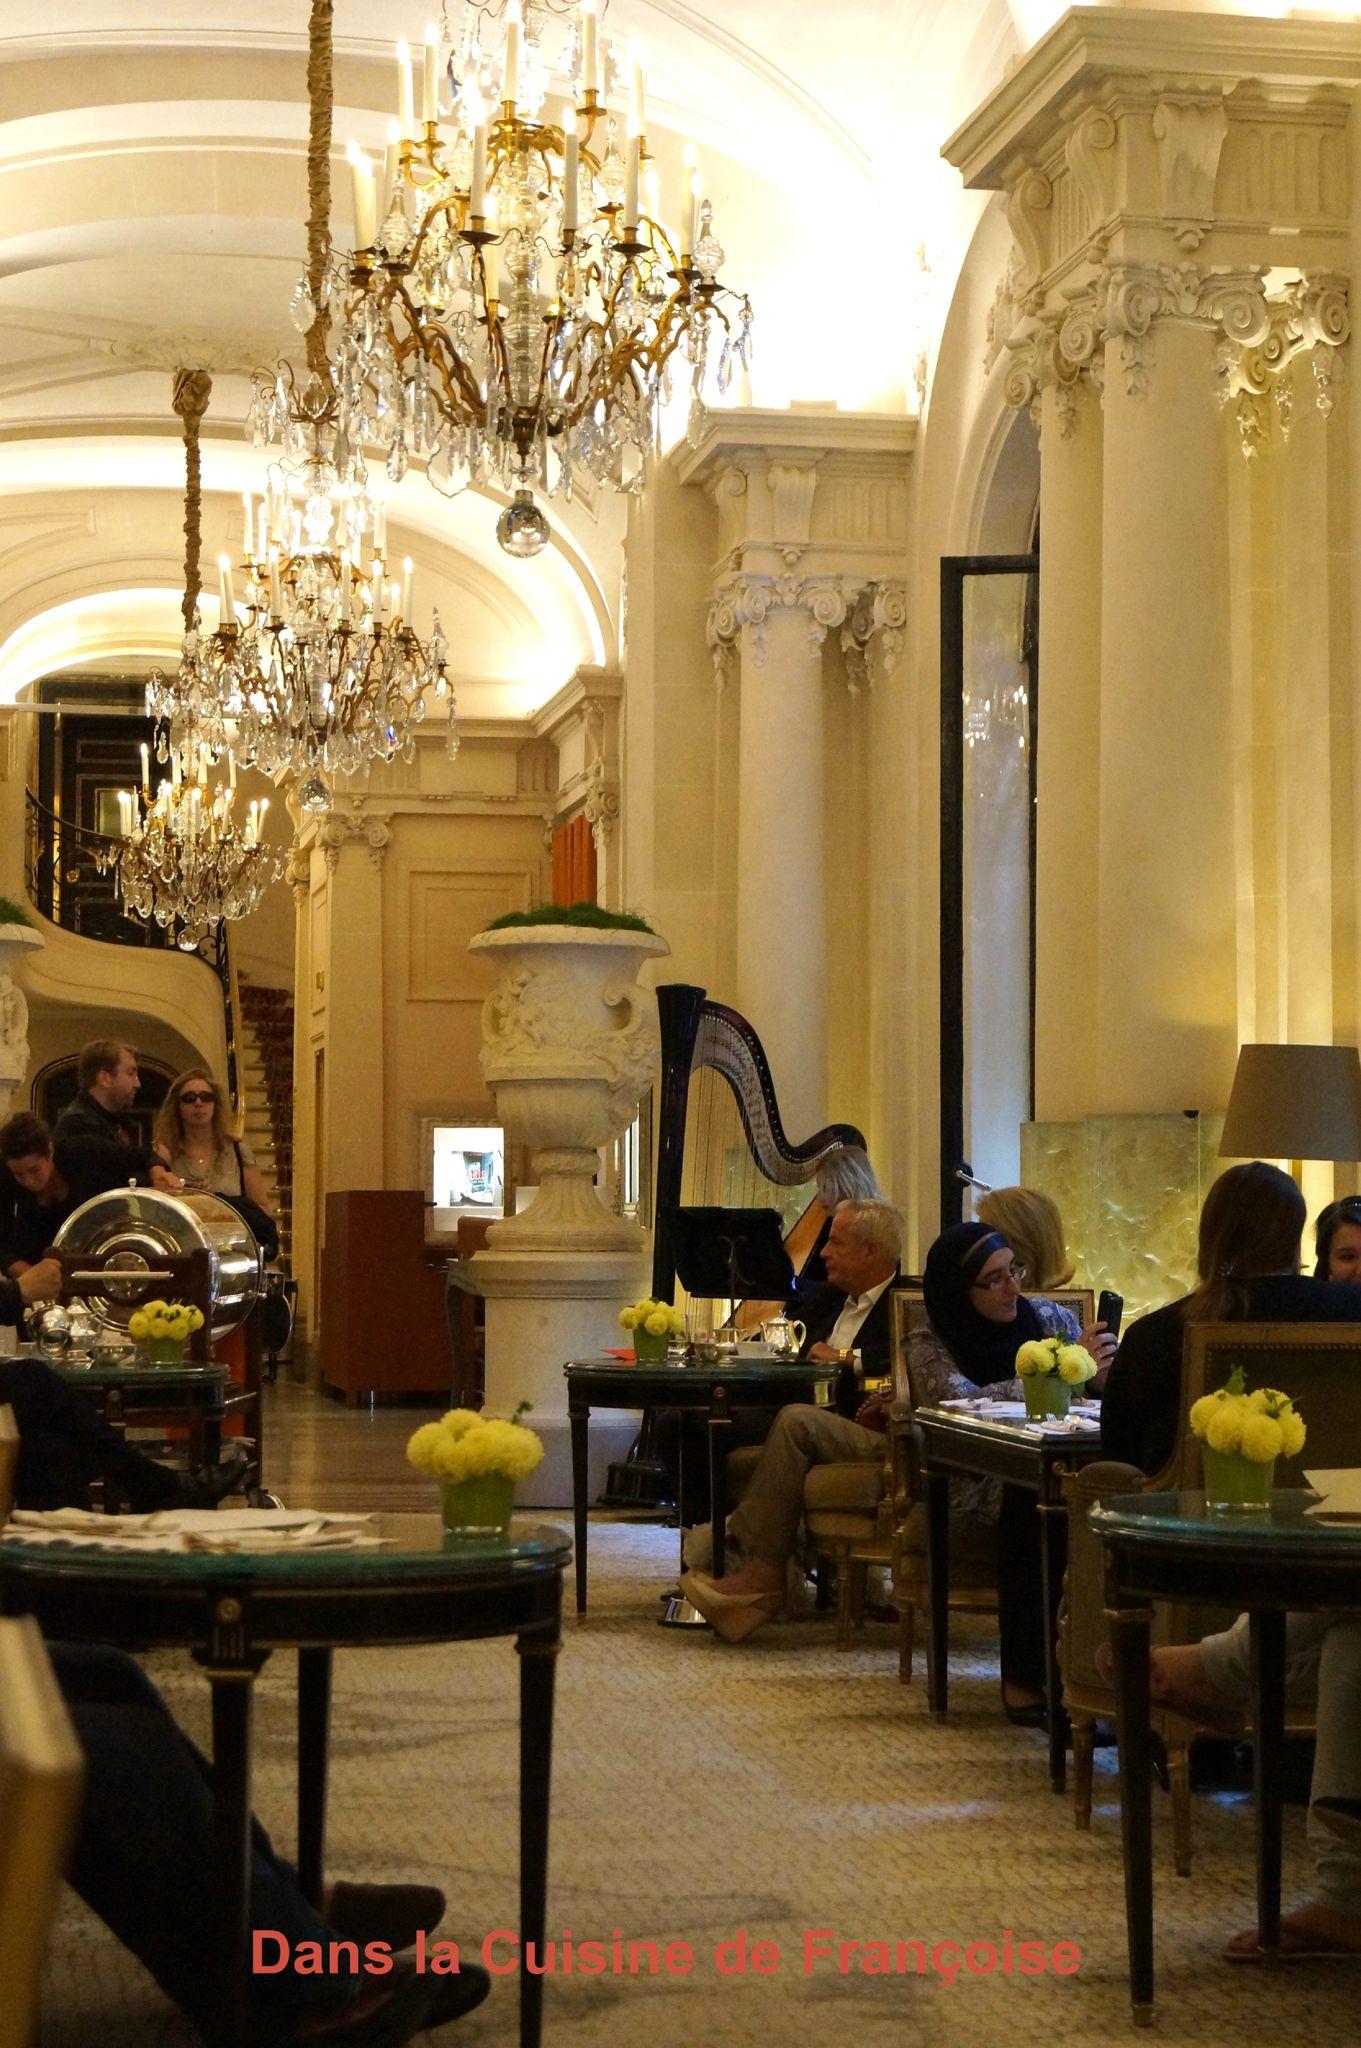 Go ter au plaza ath n e palace paris 8 me dans la cuisine de fran oise - Renovation plaza athenee ...